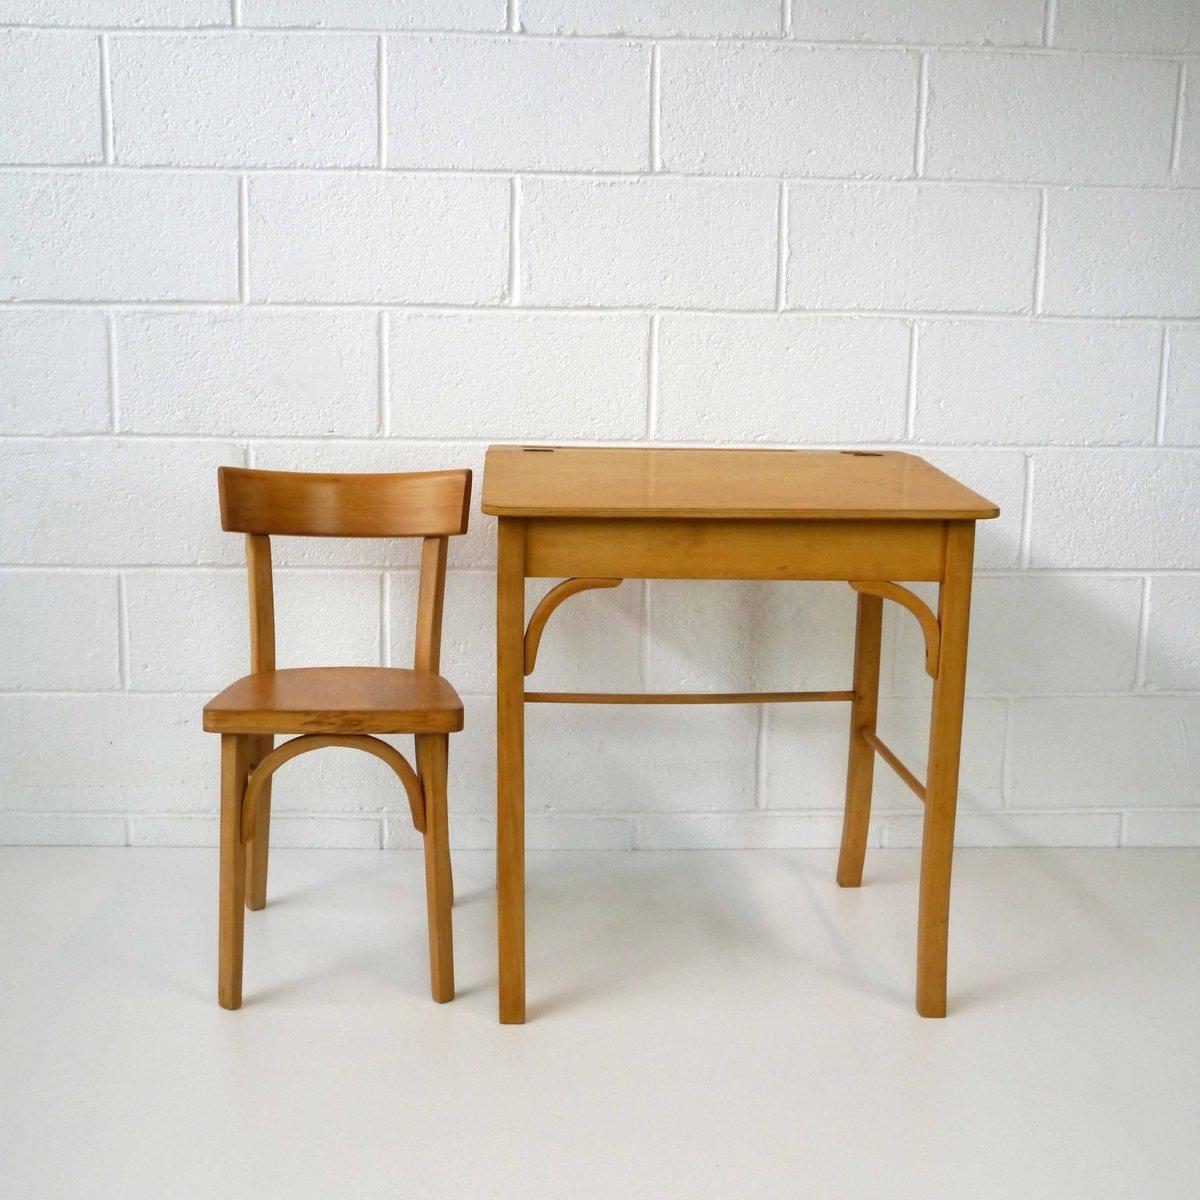 Bureau d 39 enfant vintage en bois par egon eierman set de 2 for Bureau enfant en bois